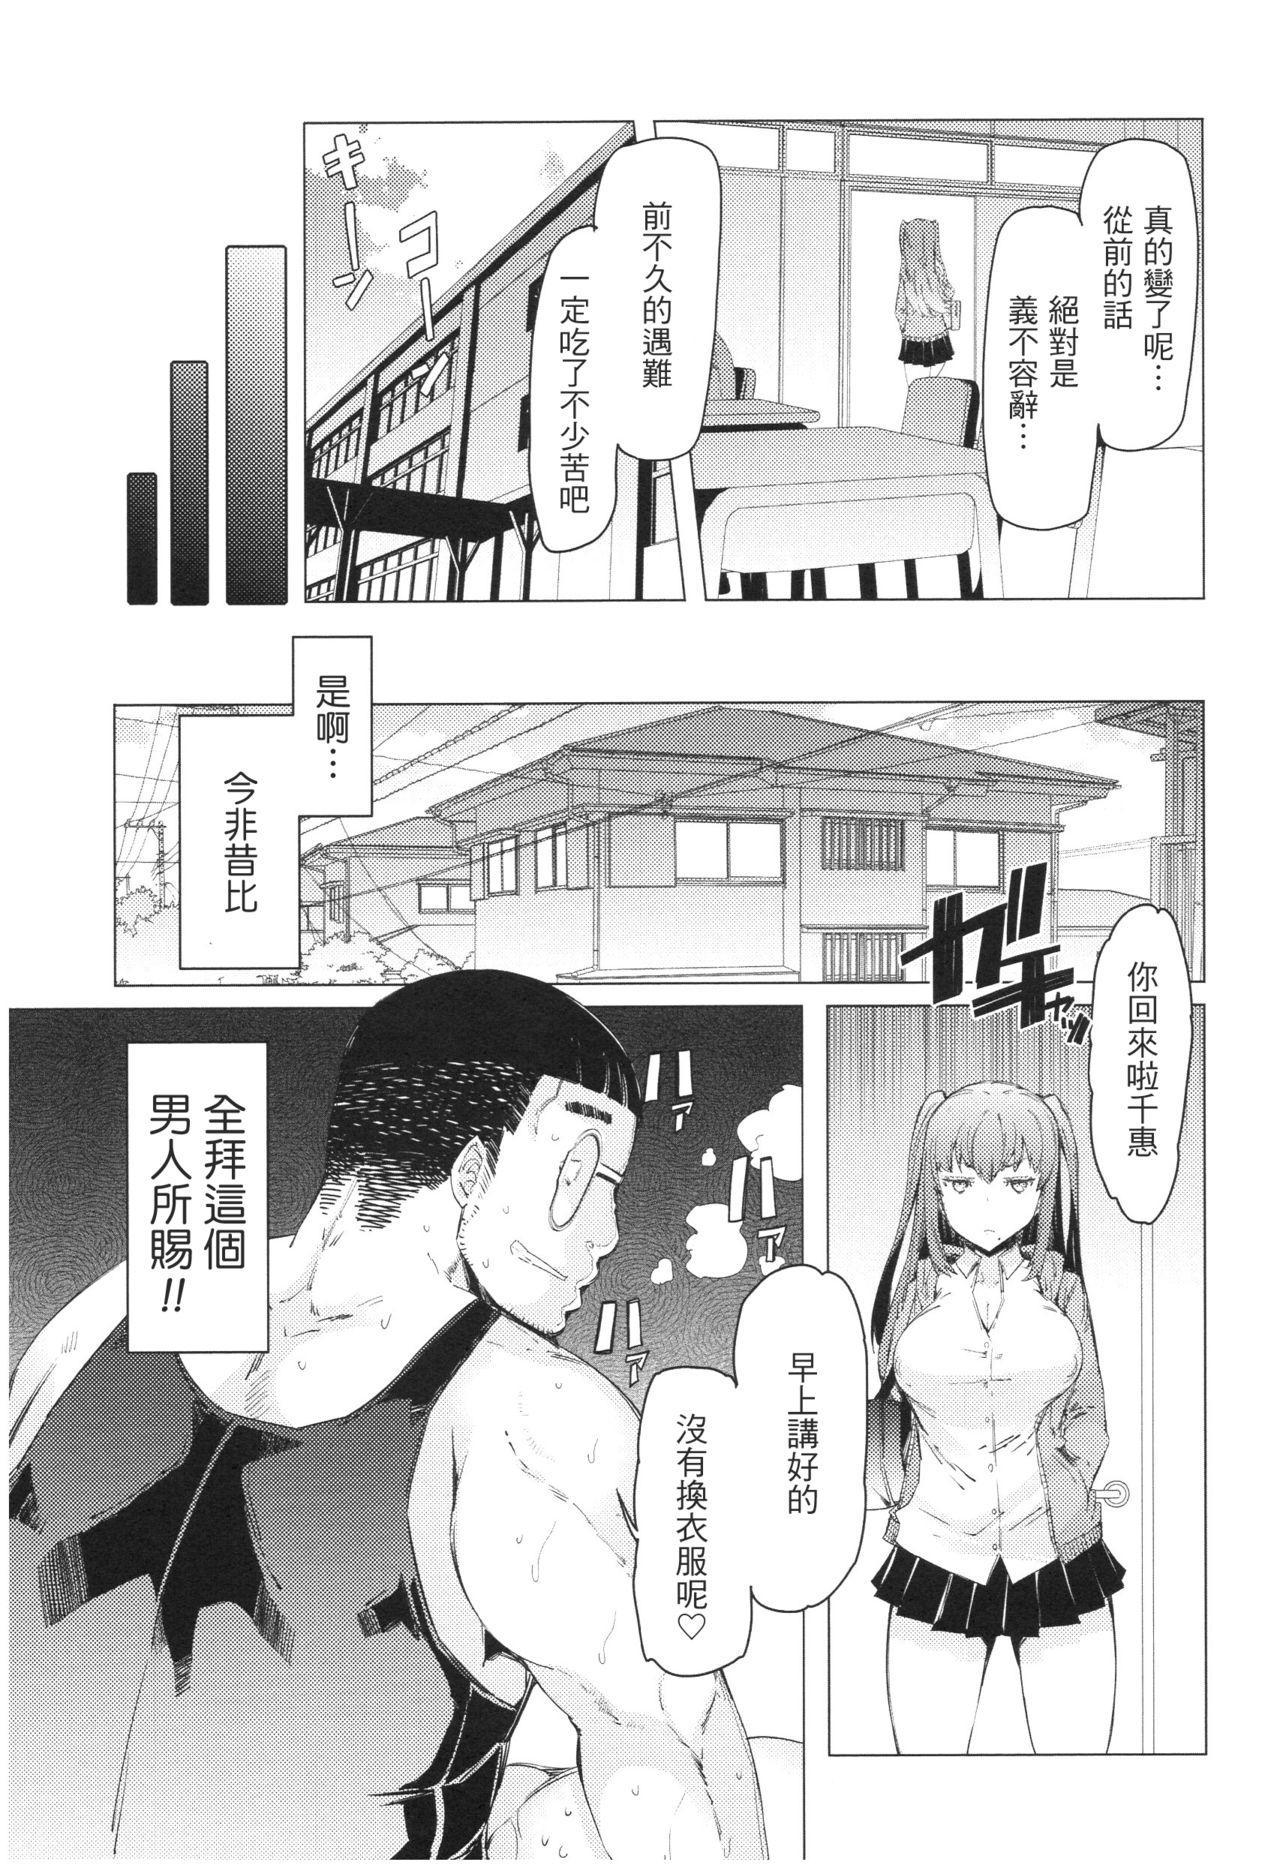 Ochita Kyoudai no 13-nichi Gougan Imouto no Otoshikata 67